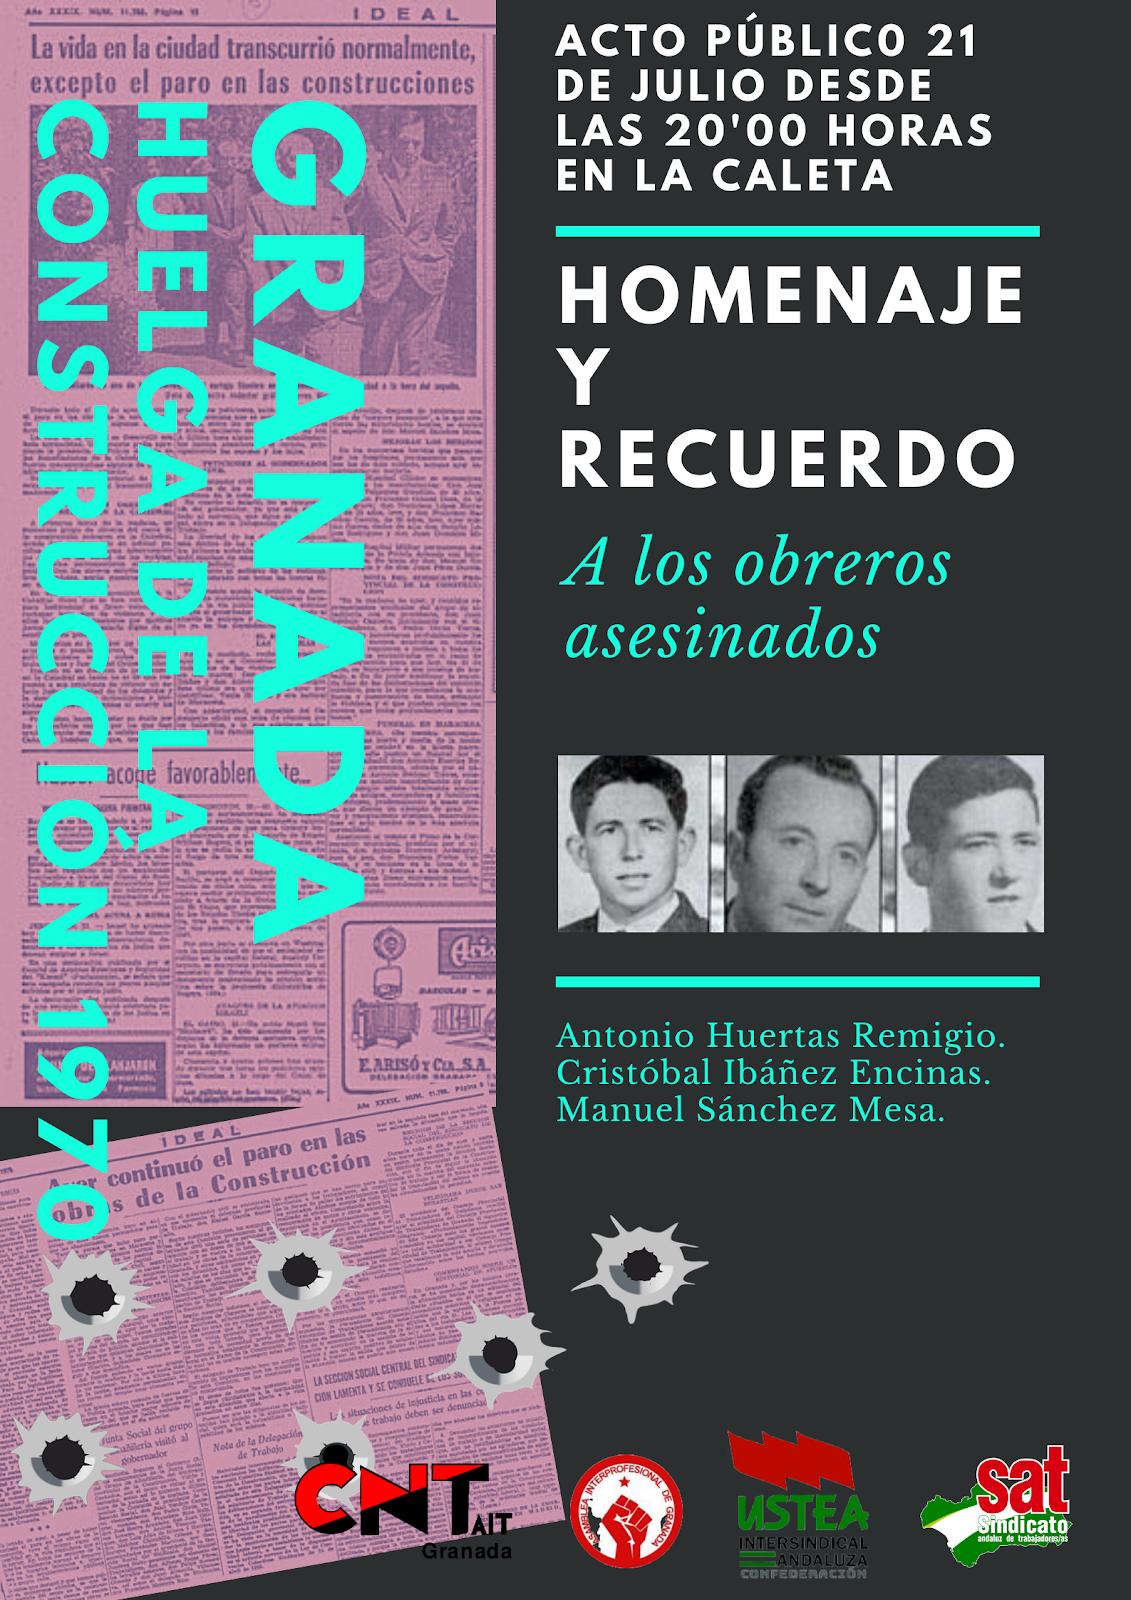 ACTO PÚBLICO: HOMENAJE Y RECUERDO  A LOS OBREROS ASESINADOS.